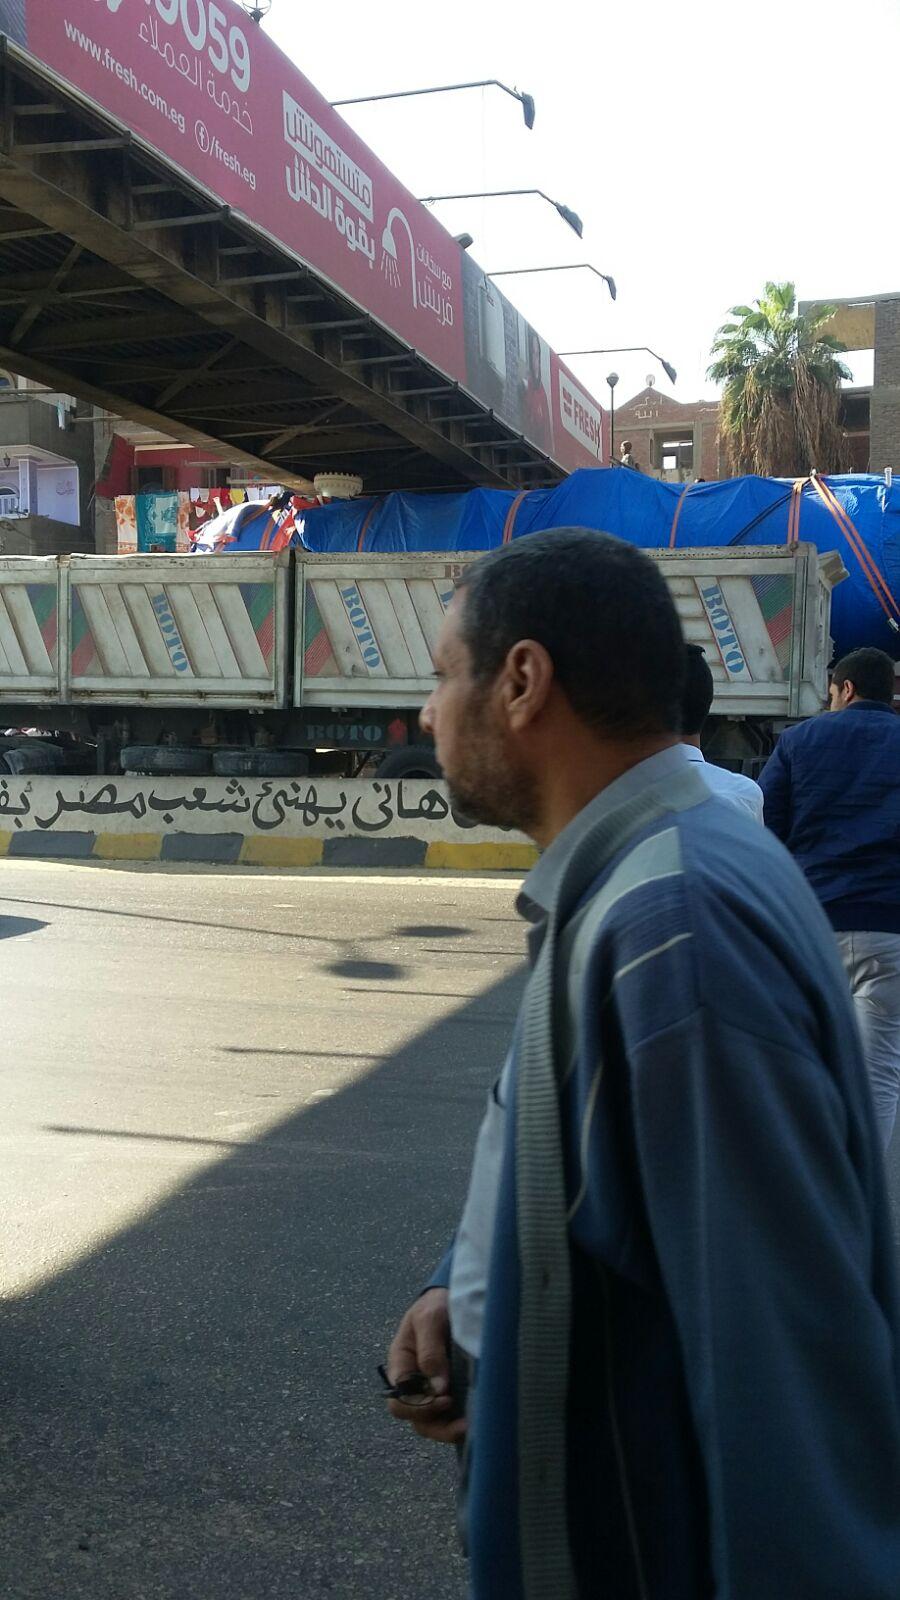 توقف مرور القاهرة ـ الإسكندرية الزراعي: سيارة نقل «حشرت» أسفل كوبري